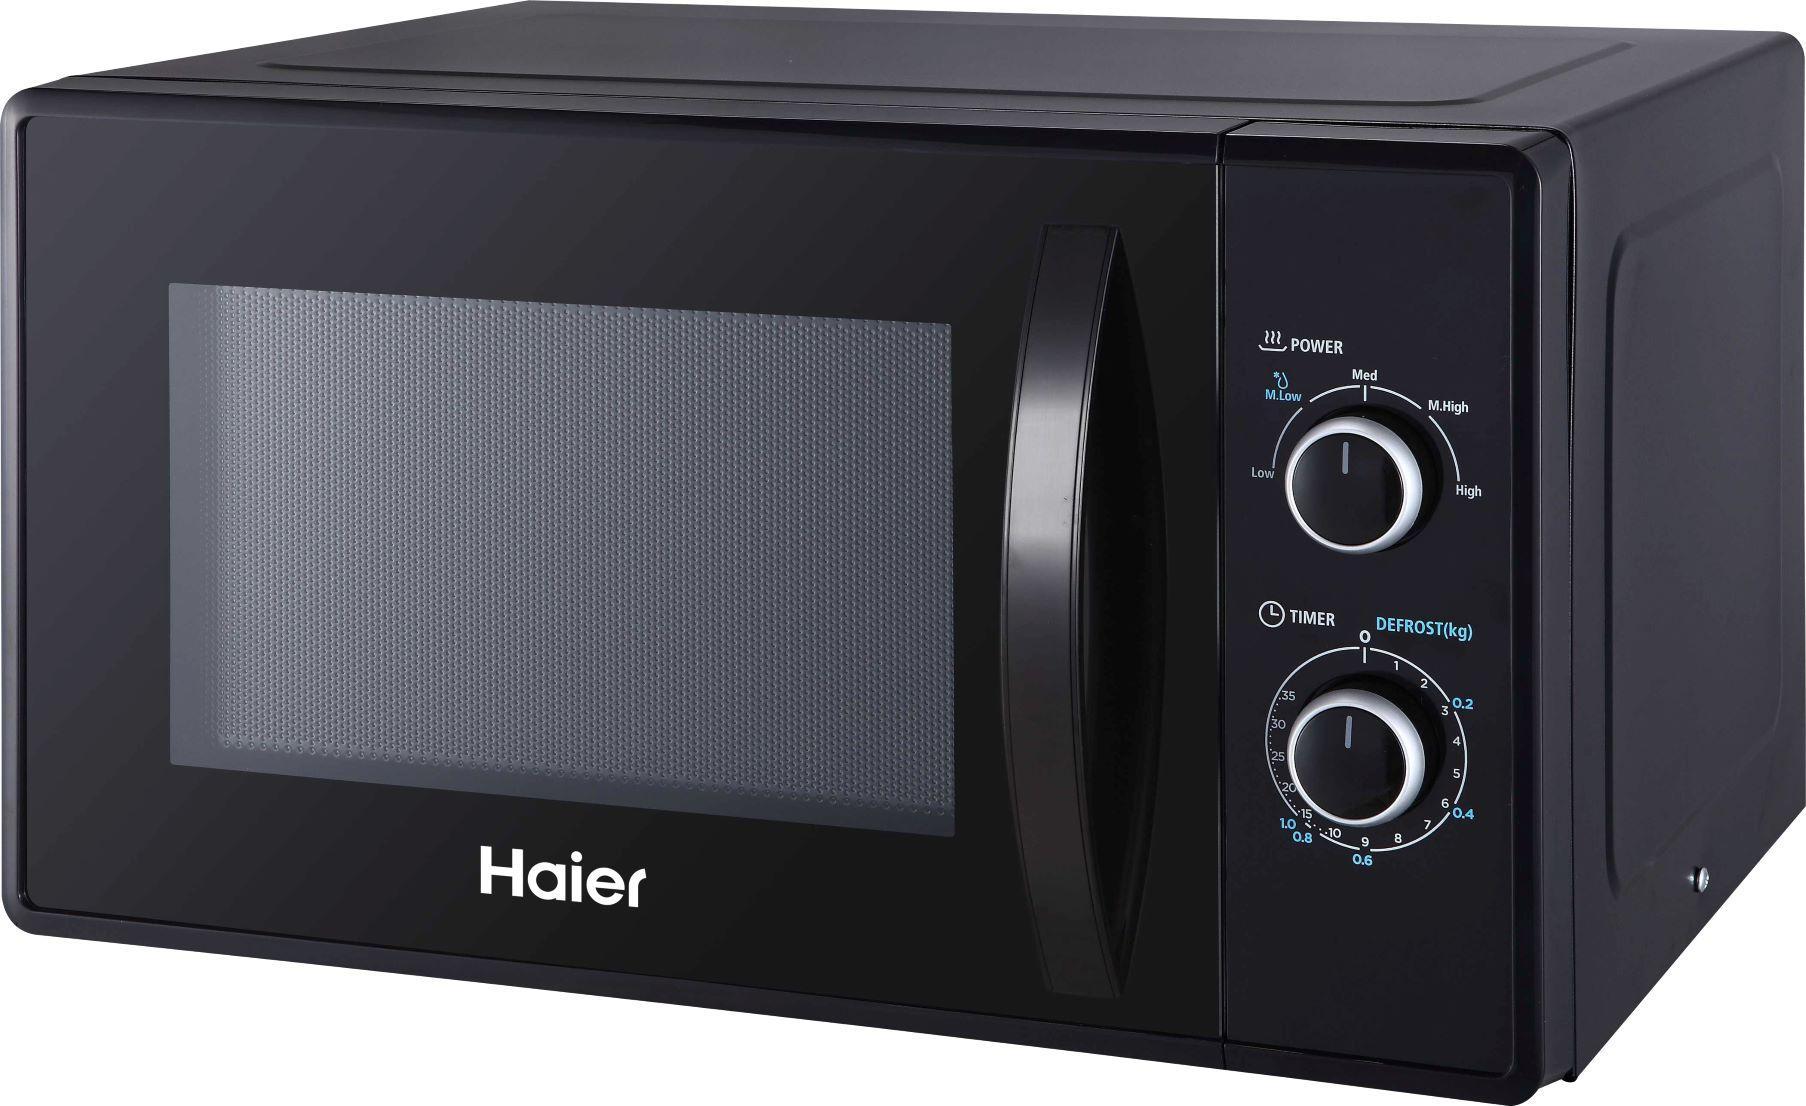 Haier Microwaves Bestmicrowave